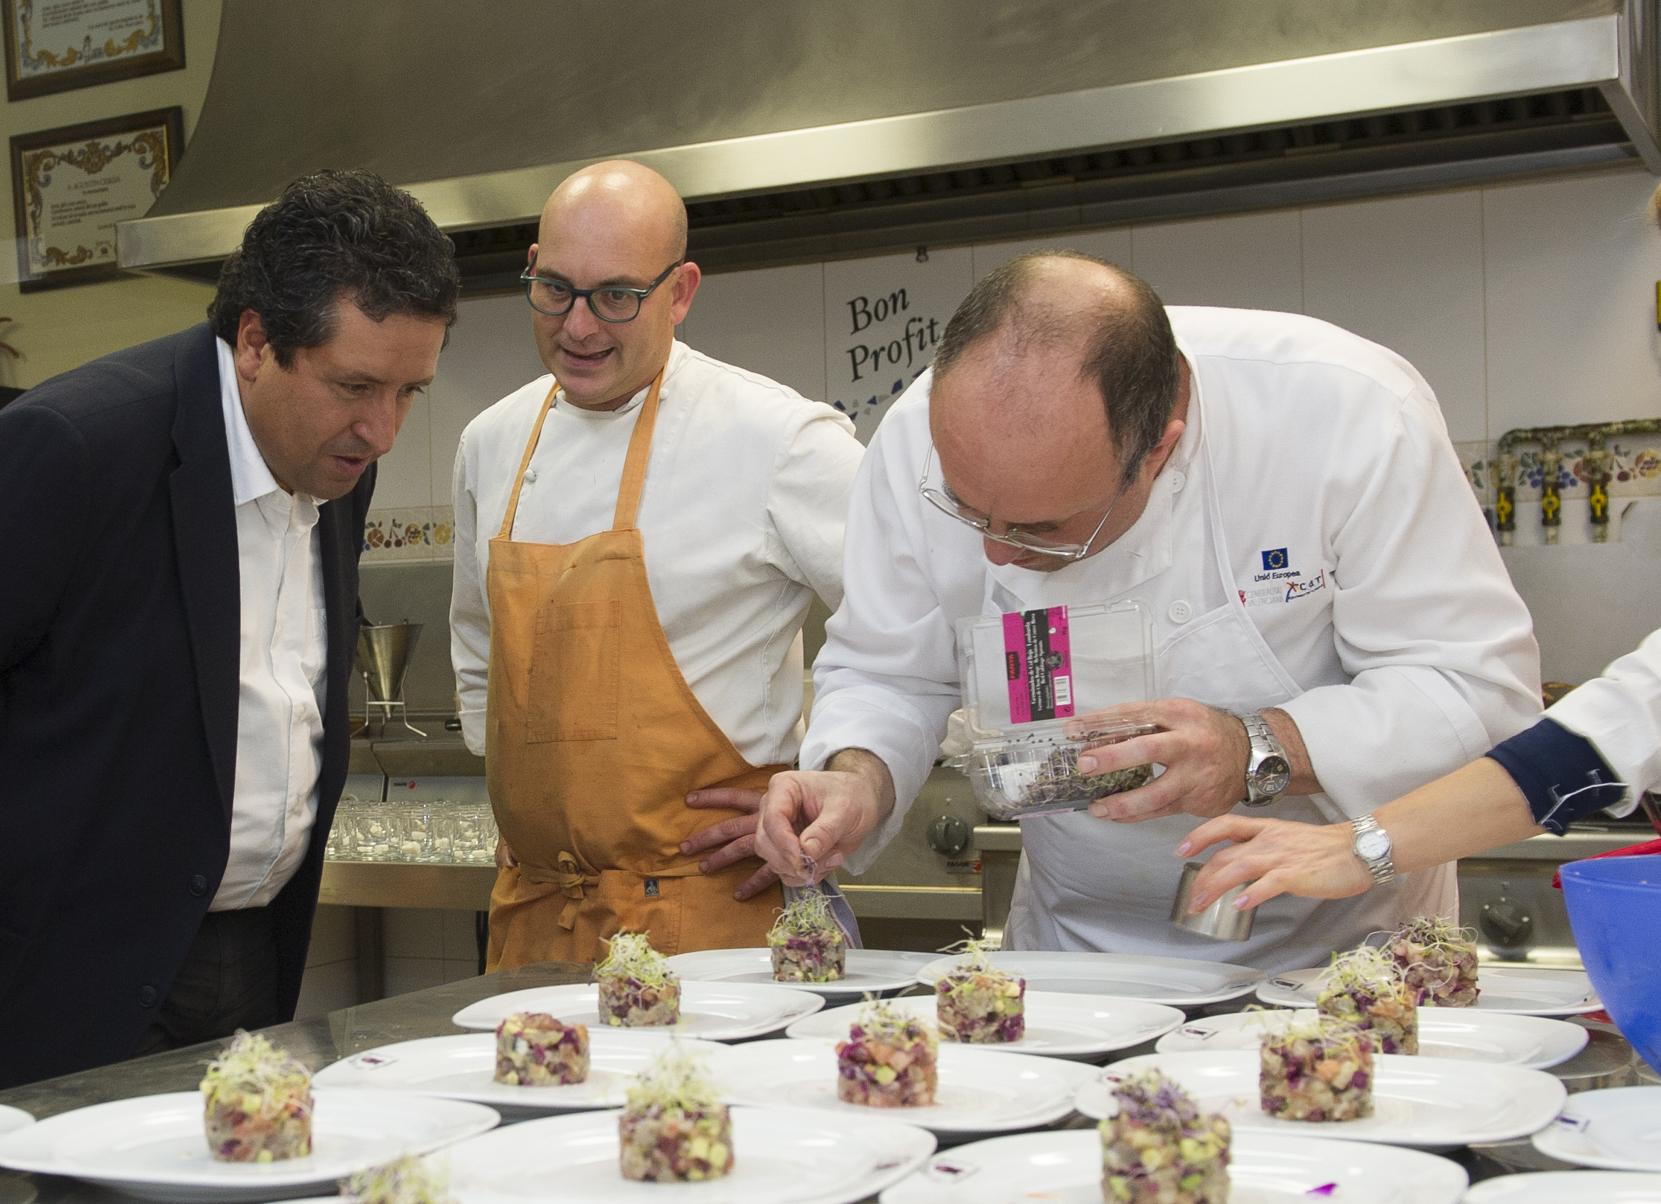 La Diputación de Castellón facilitará la ponencia de Quique Dacosta en el I Foro Europeo de Turismo Gastronómico a través de su portal web